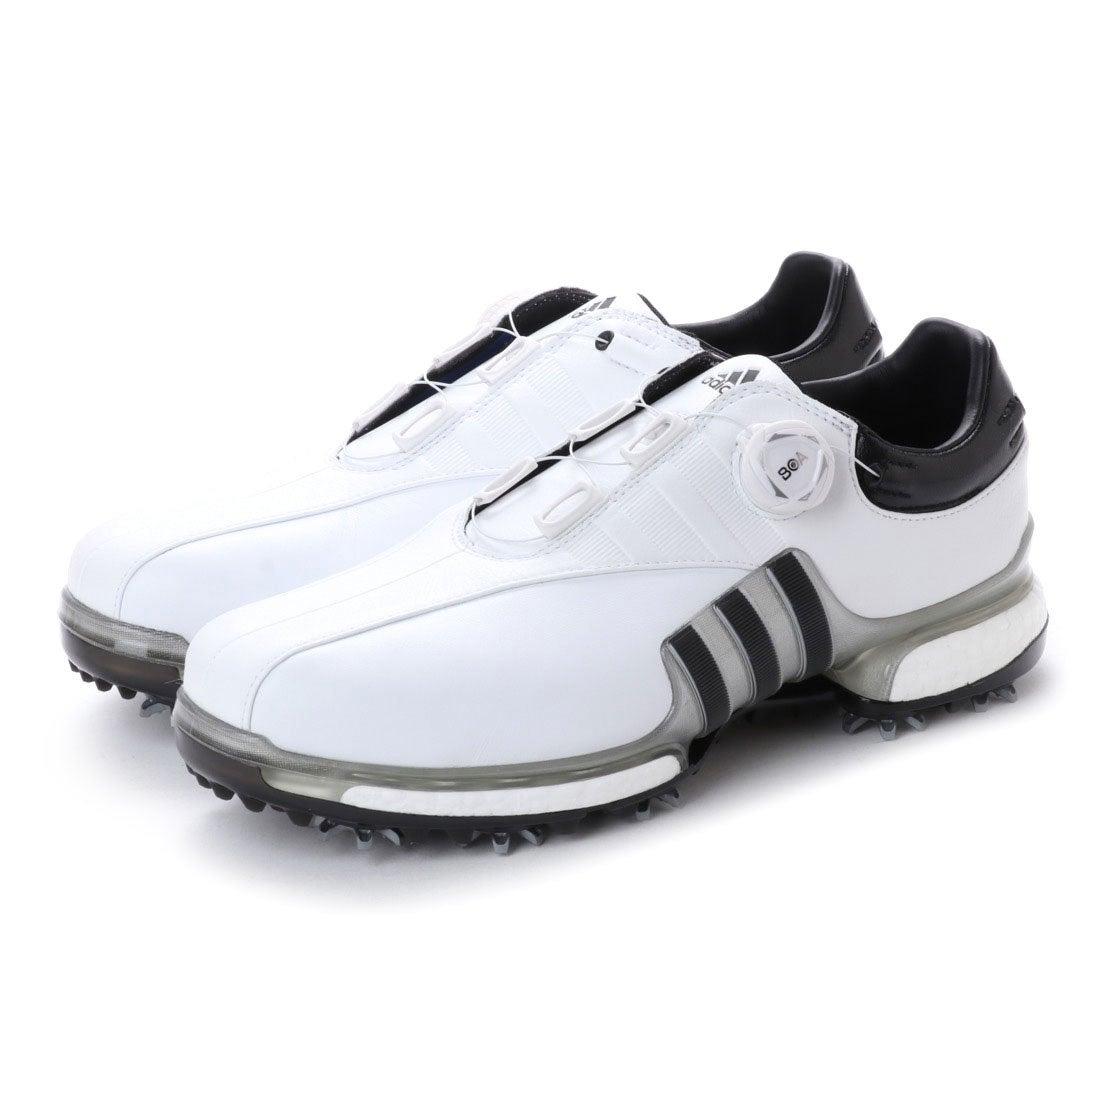 アディダス adidas メンズ ゴルフ ダイヤル式スパイクシューズ ツアー360 EQT ボア F33619 981